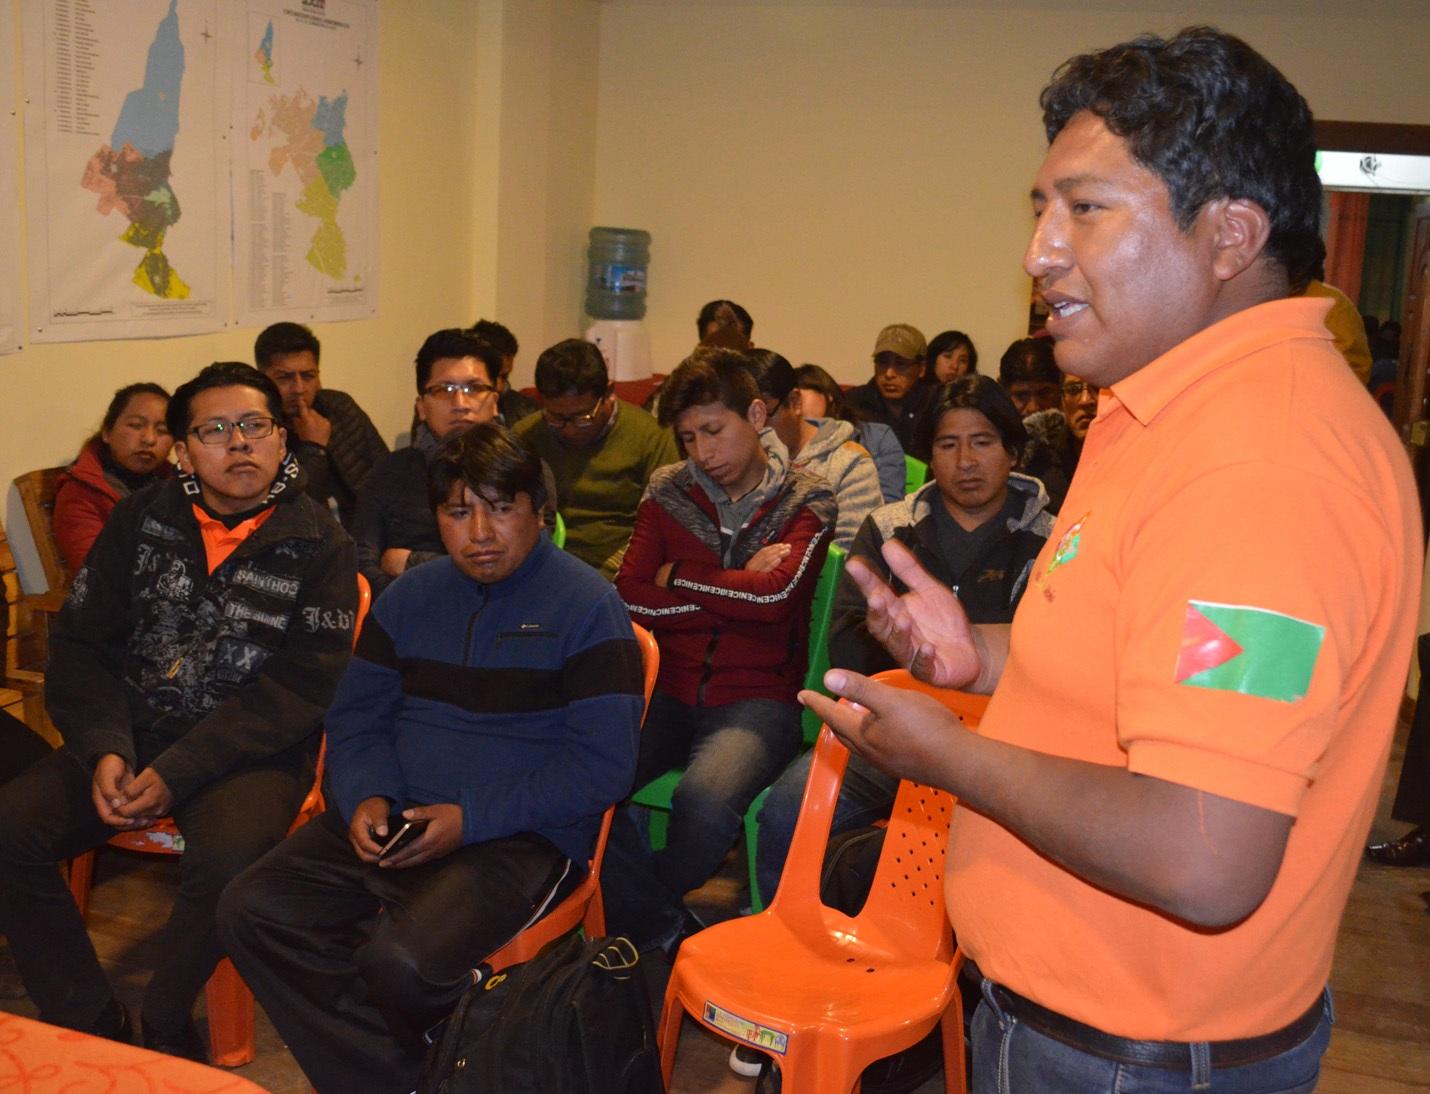 Mamani Huanca exponiendo las líneas de la alianza a los jóvenes alteños / ALBERTO MEDRANO